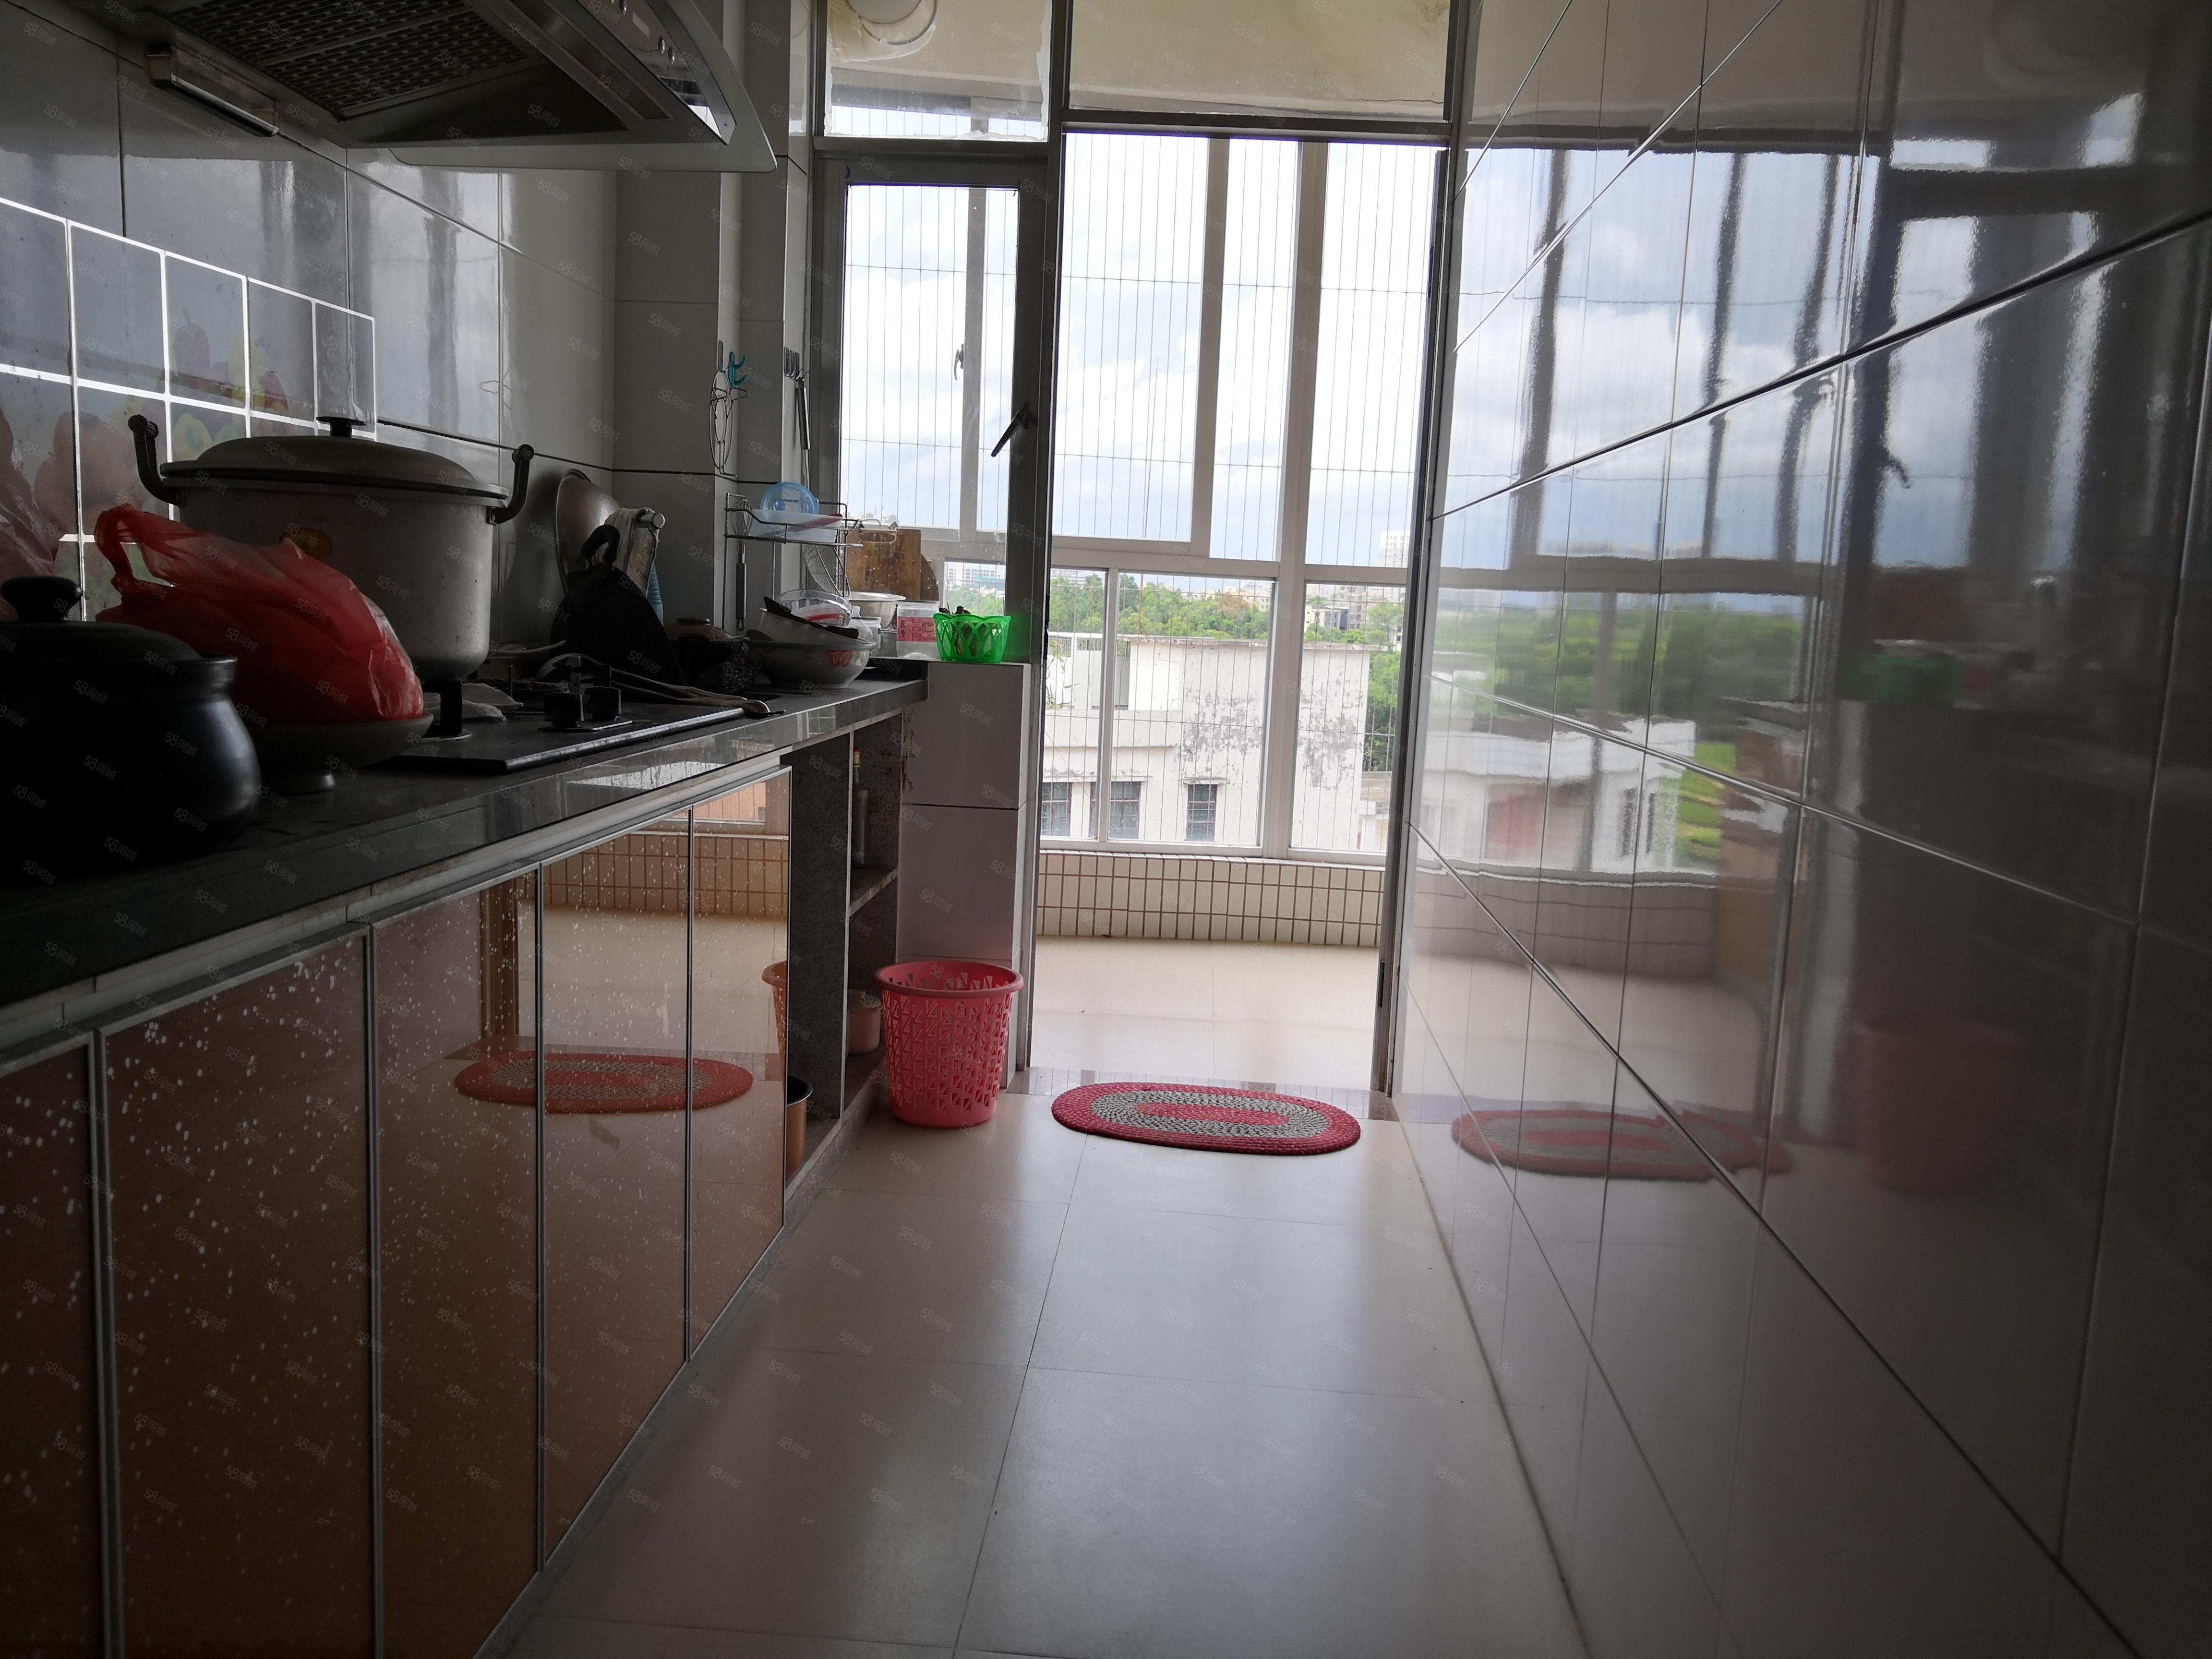 汇景新城3房2厅,带车位62万,价格看中可谈,业主诚心出售。